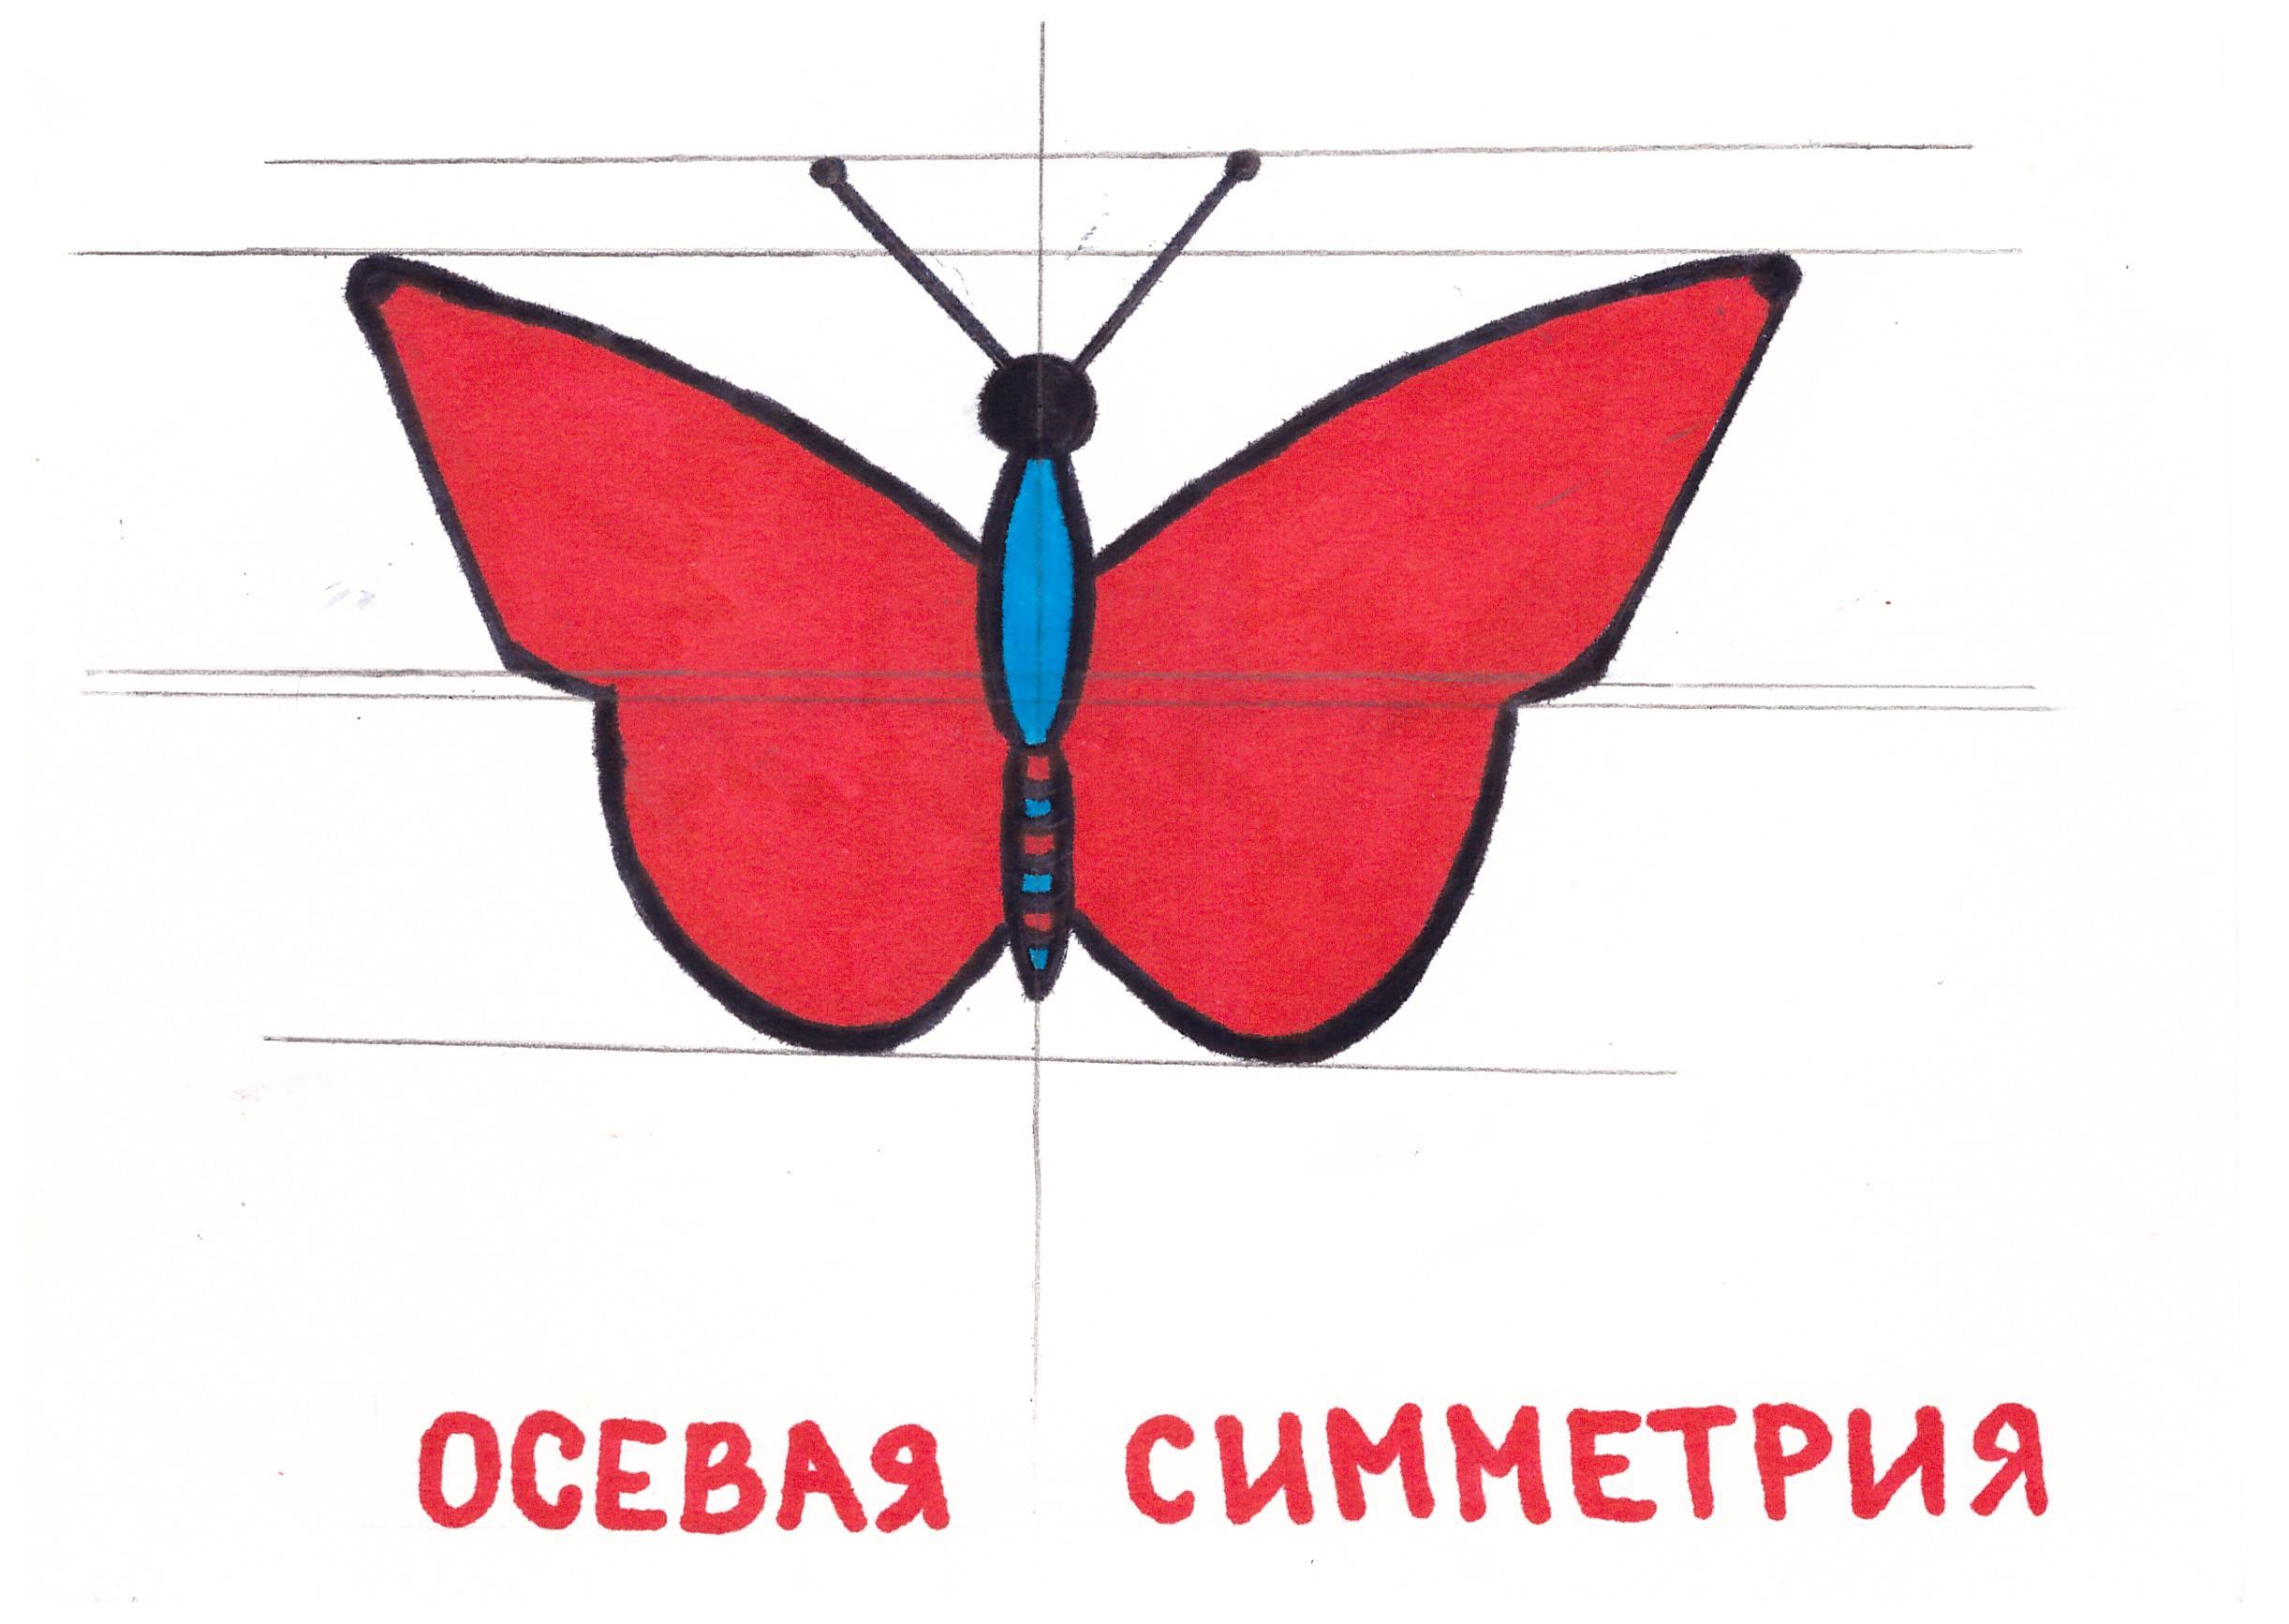 Картинки центральной осевой симметрии